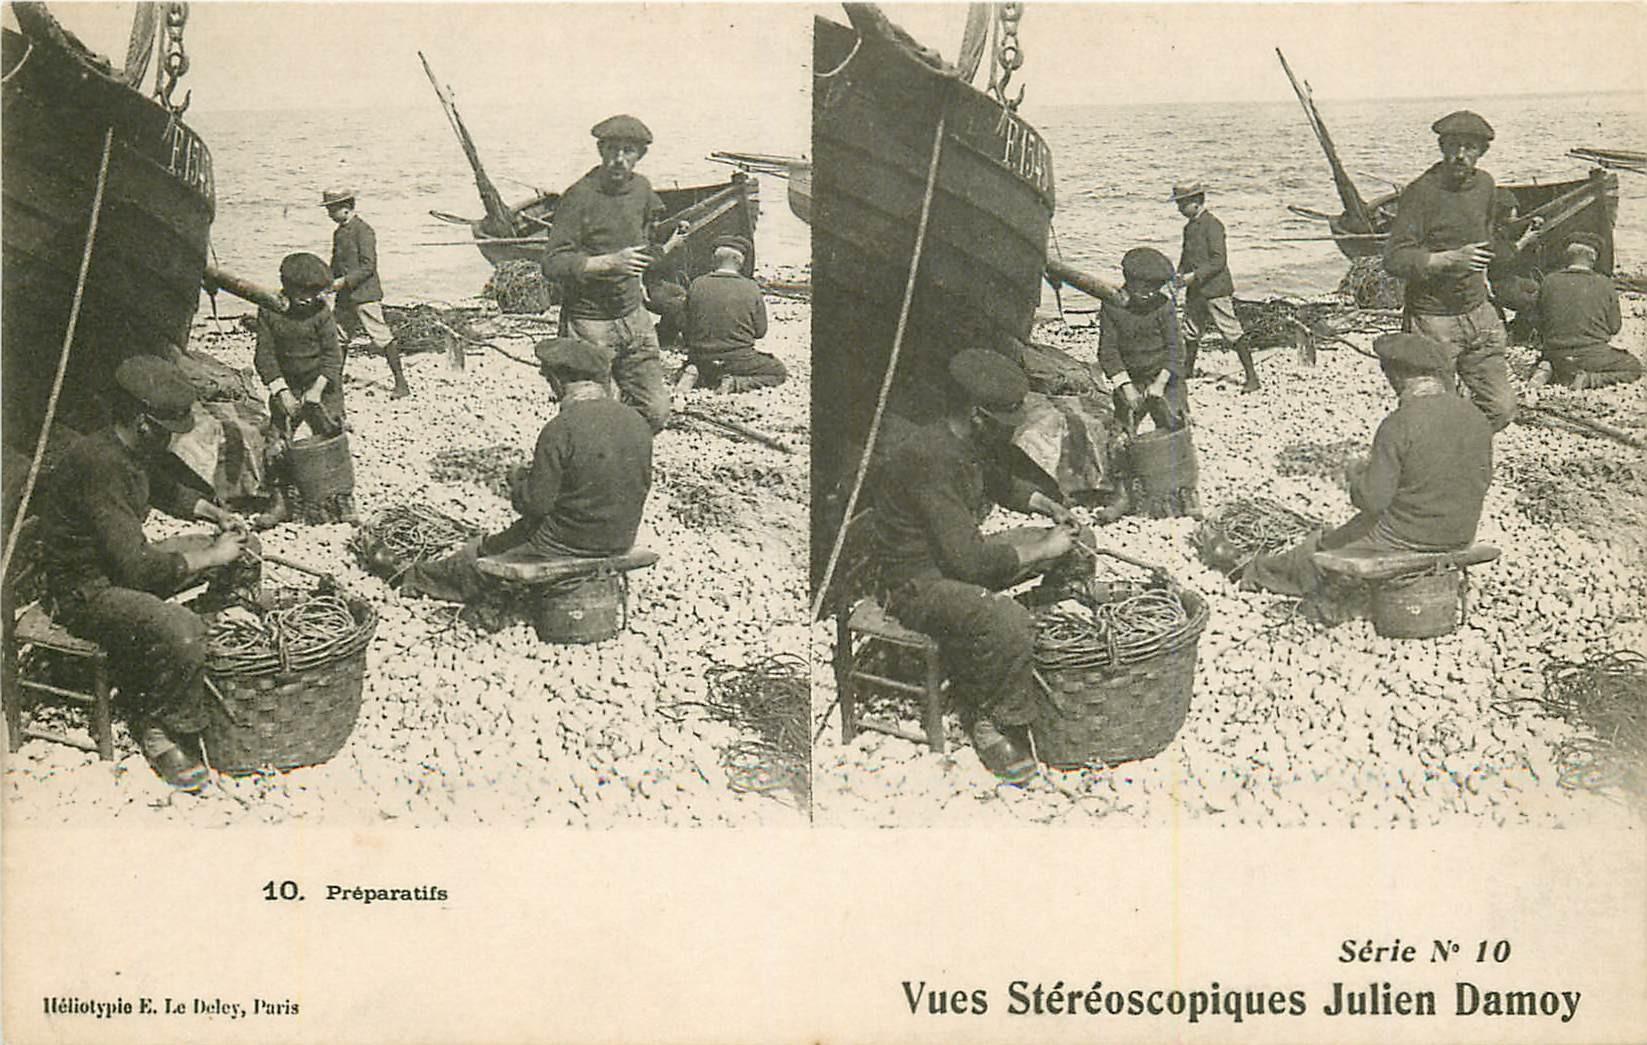 Carte stéréoscopique. Pêcheurs et Métiers de la Mer.Préparatifs des appâts pour la Pêche